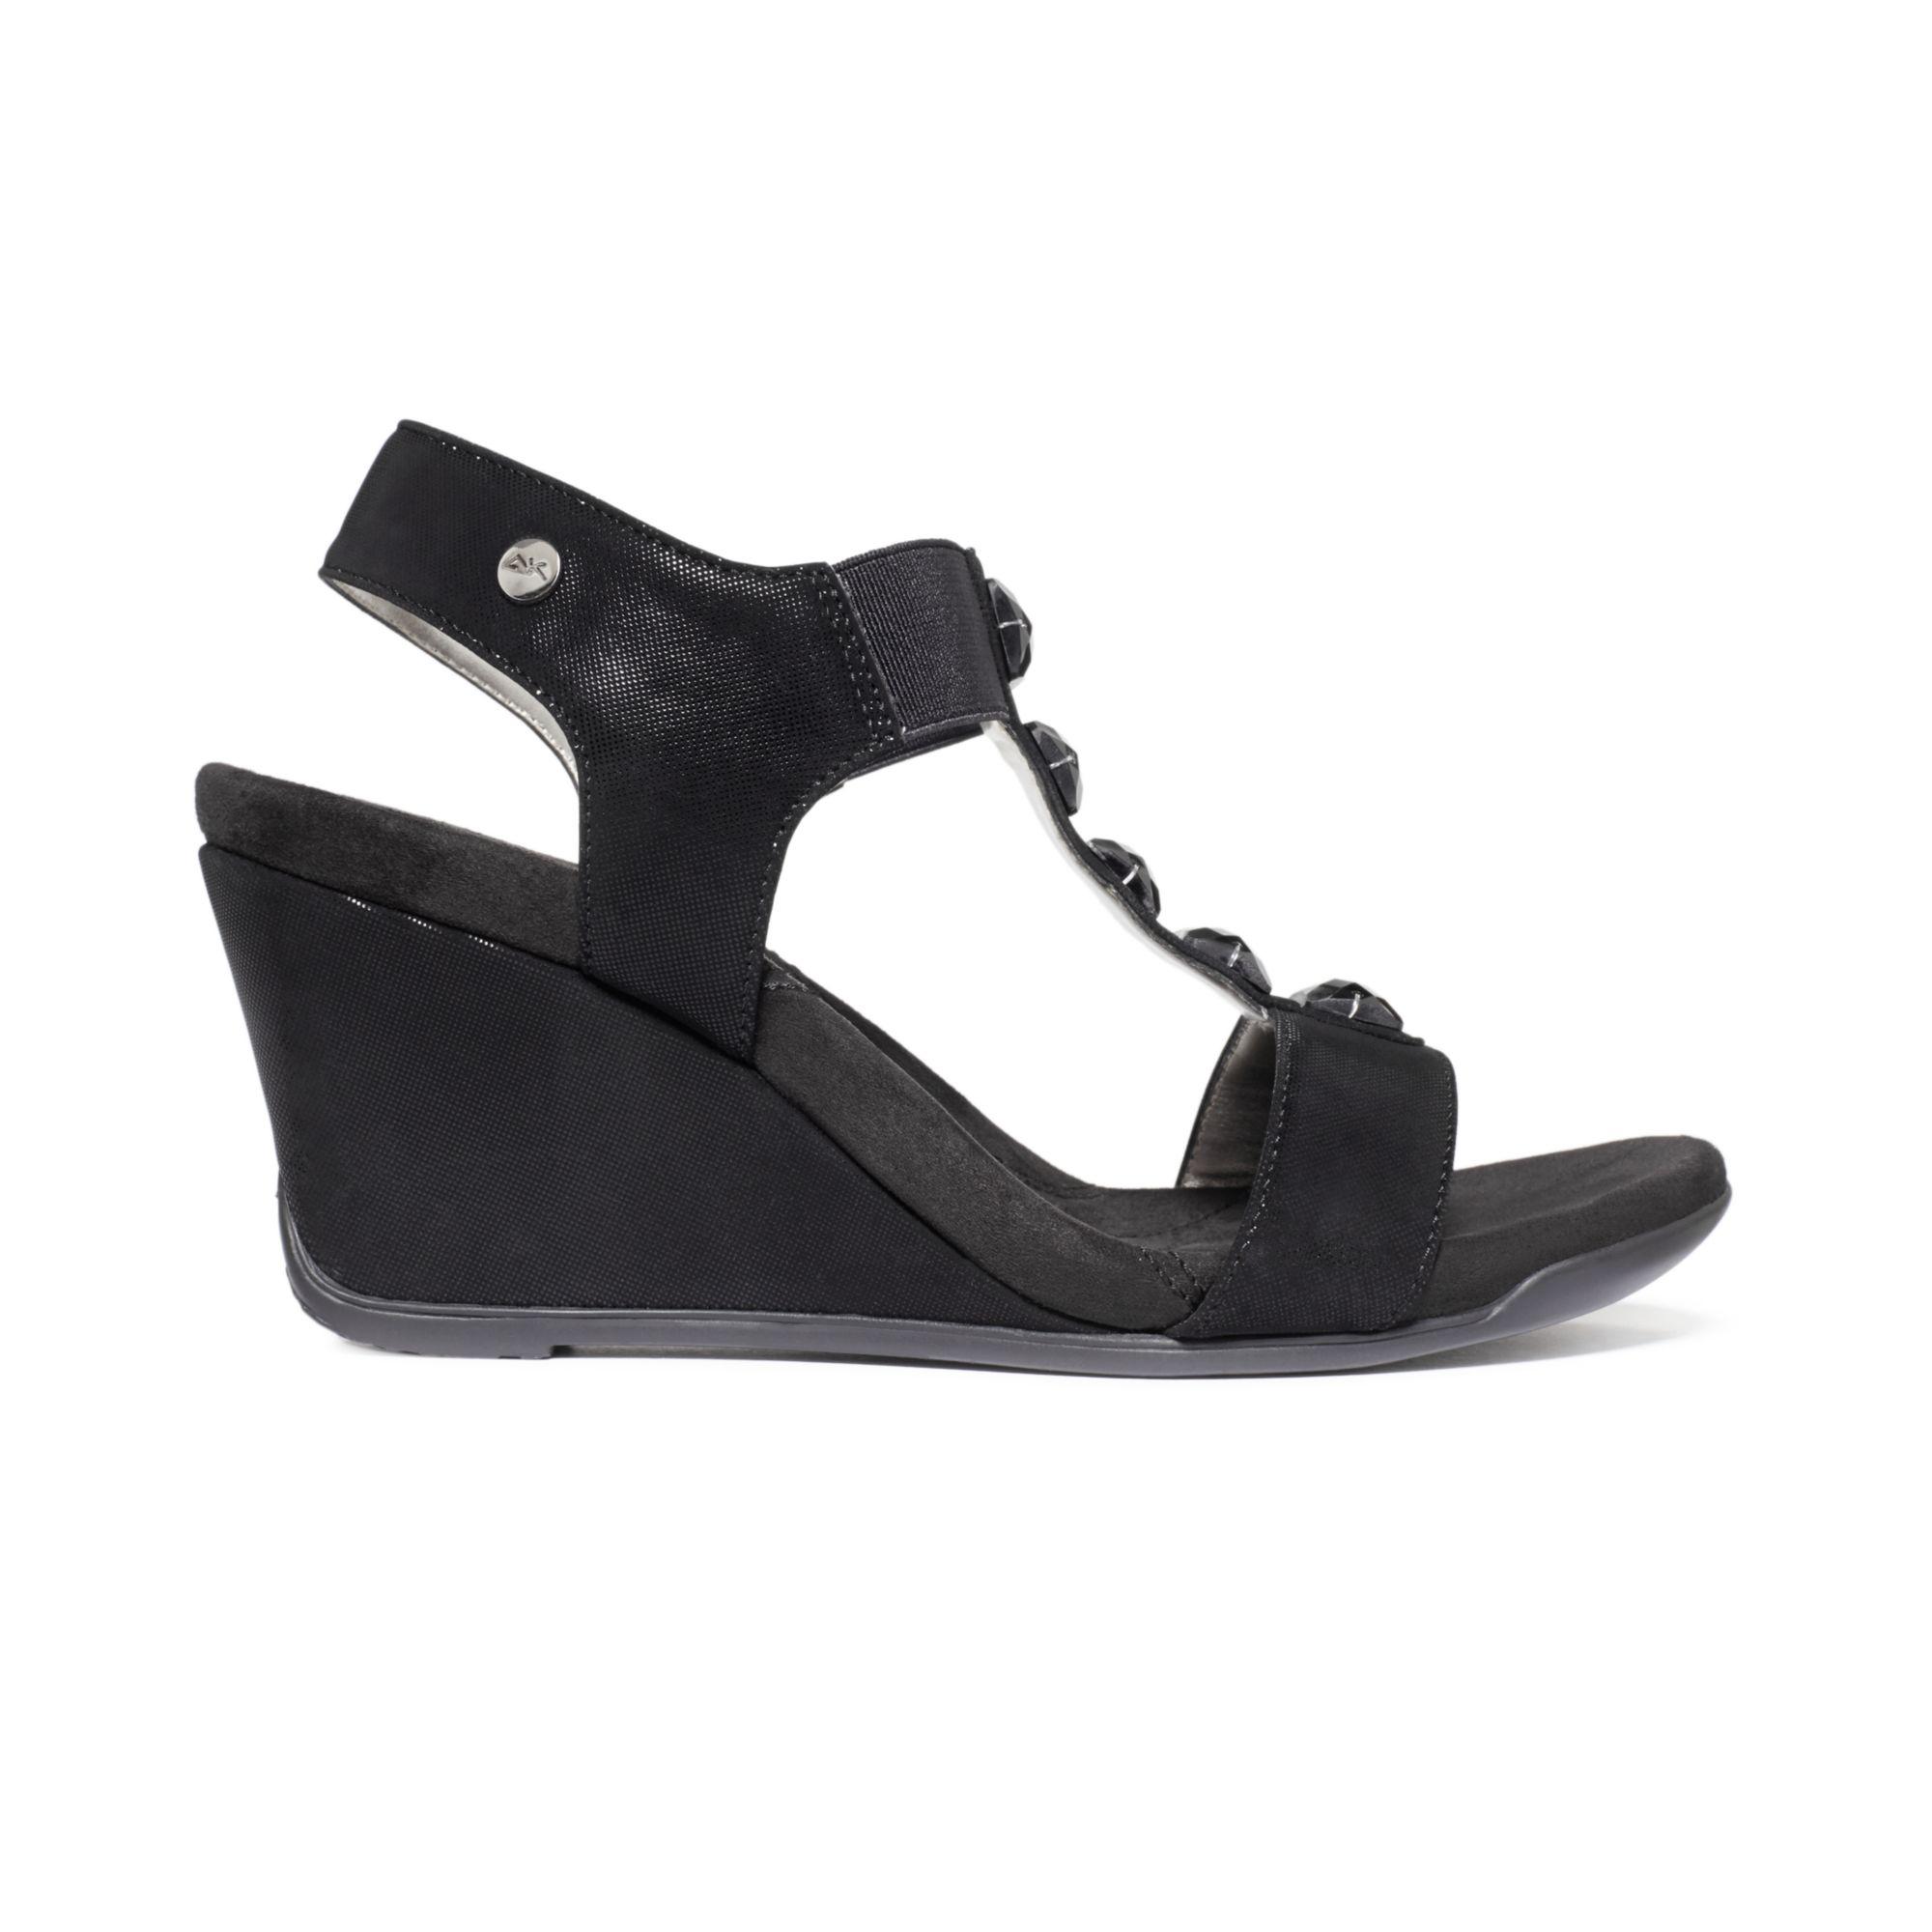 c60f05df0d7d Lyst - Anne Klein Lofty Sport Wedge Sandals in Black